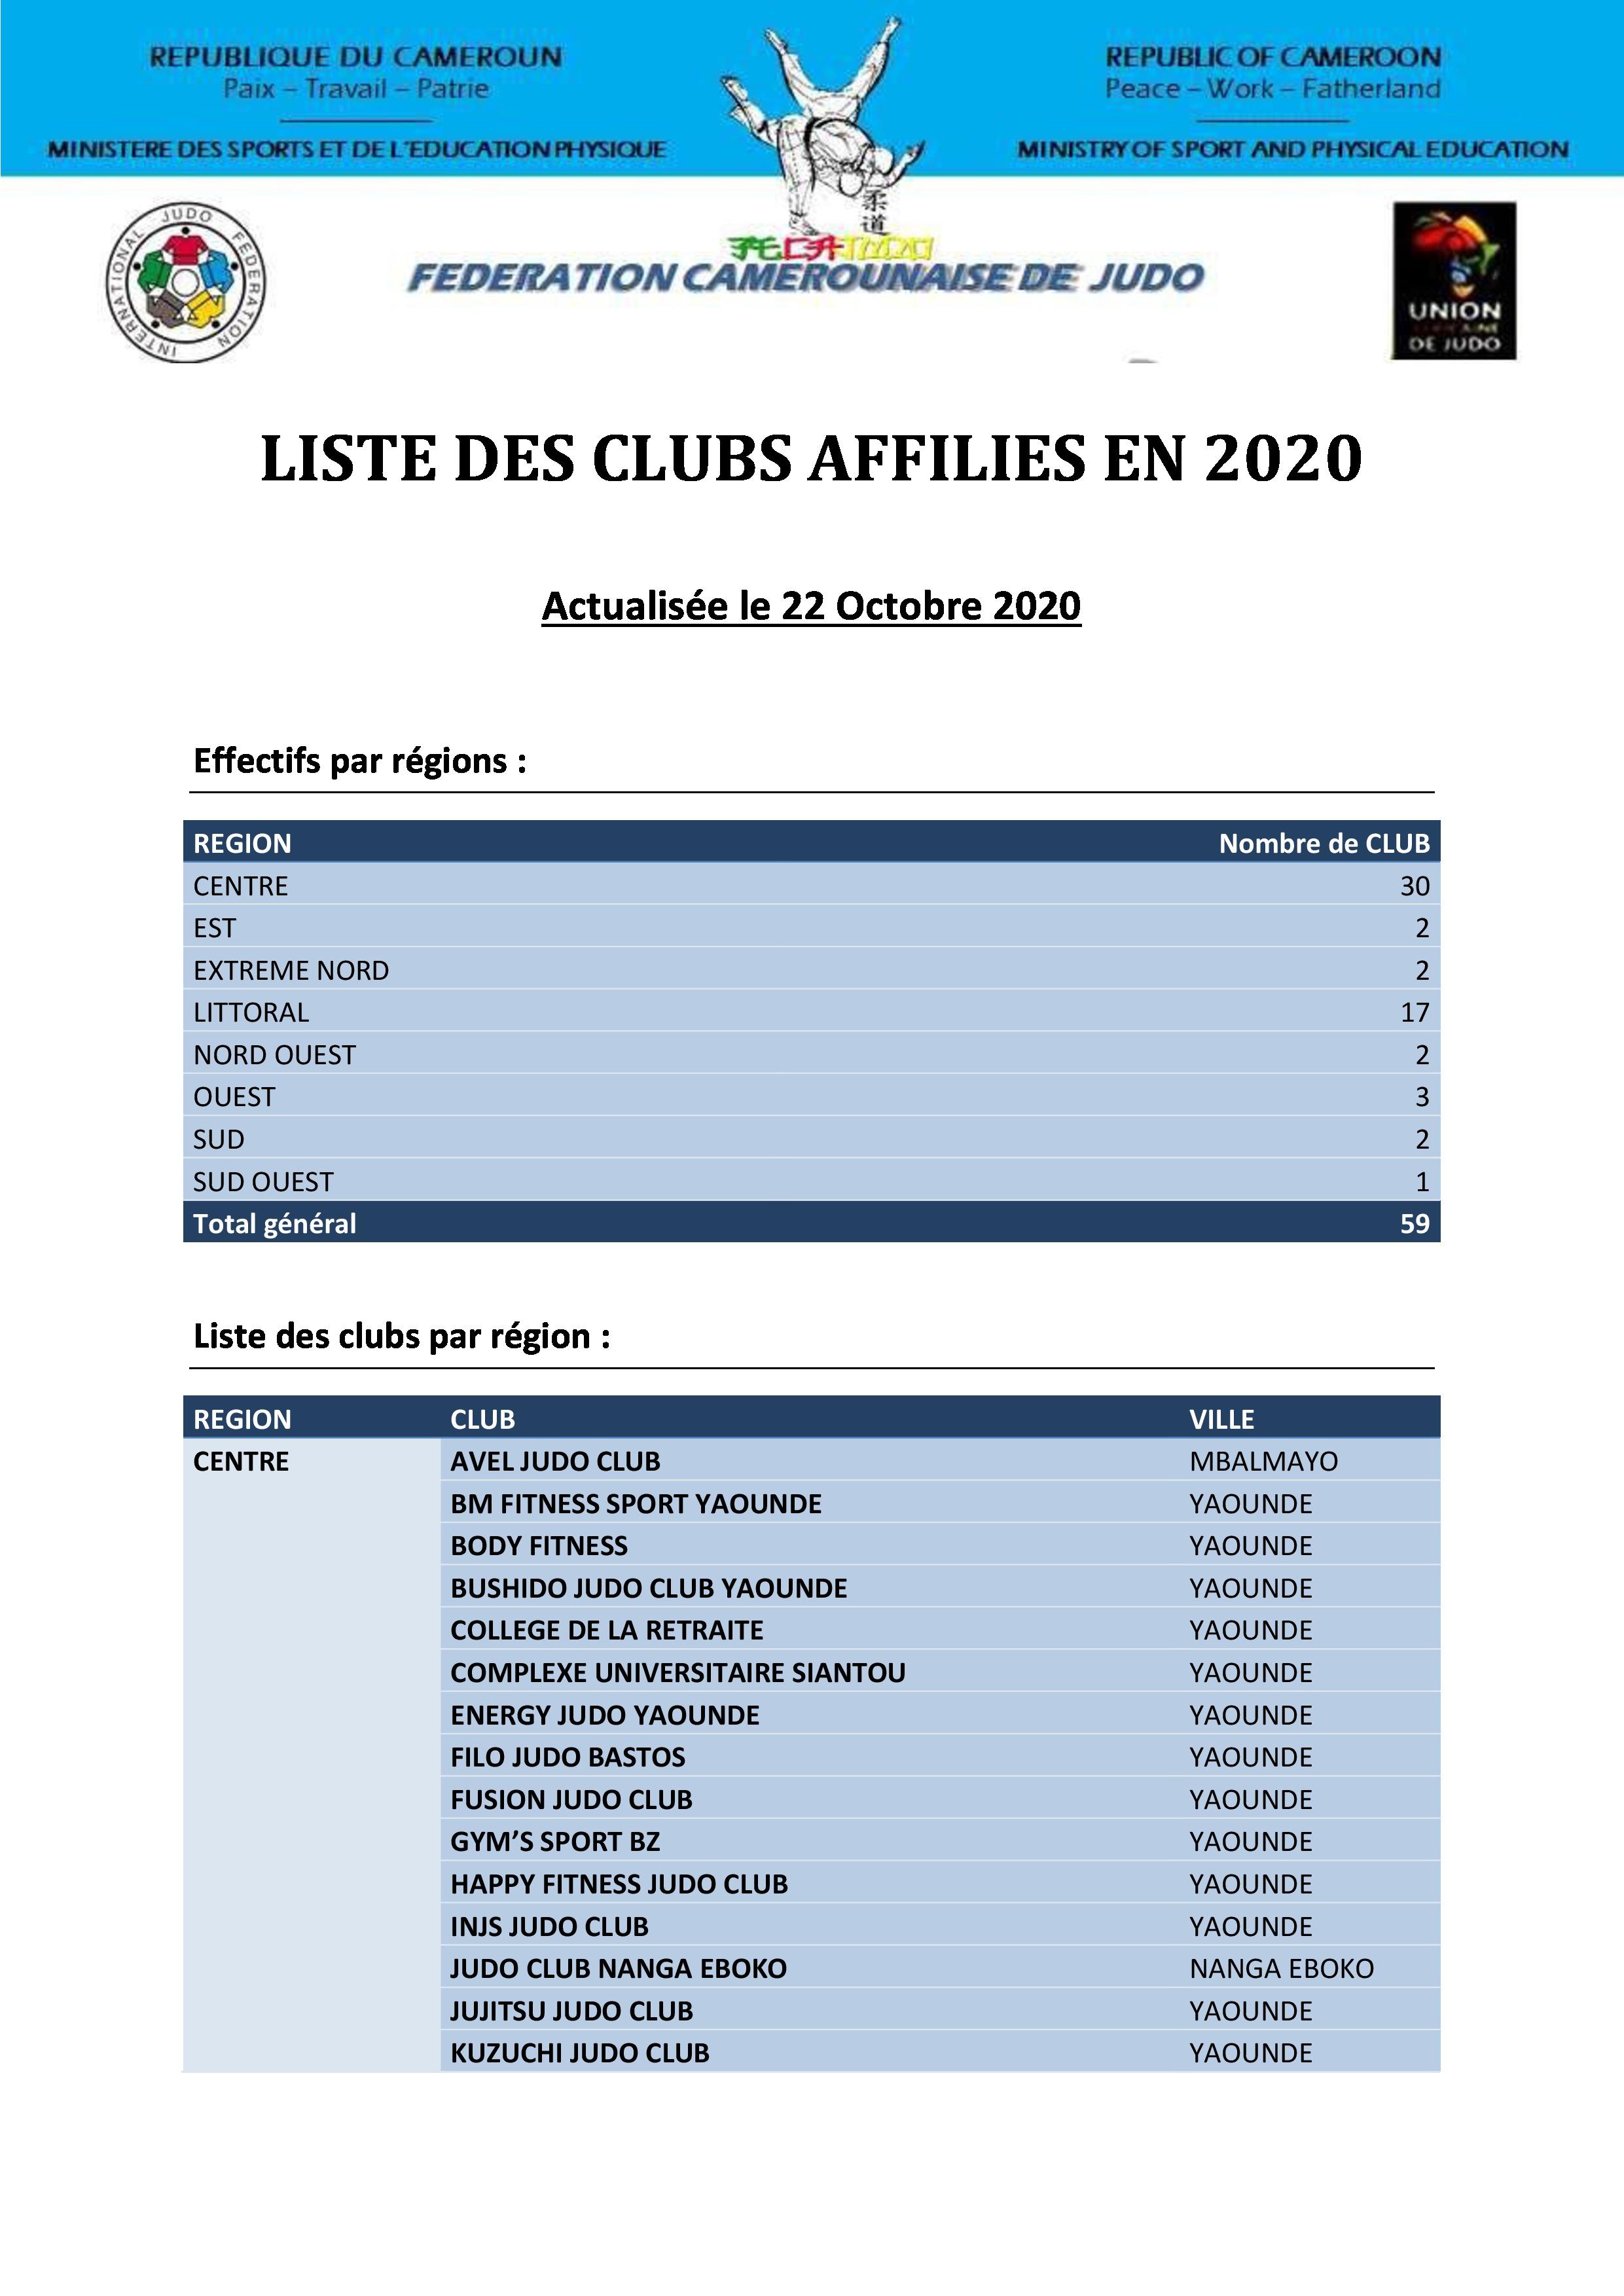 Liste des clubs affiliés à la fédération camerounaise de judo pour le compte de la saison sportive 2020